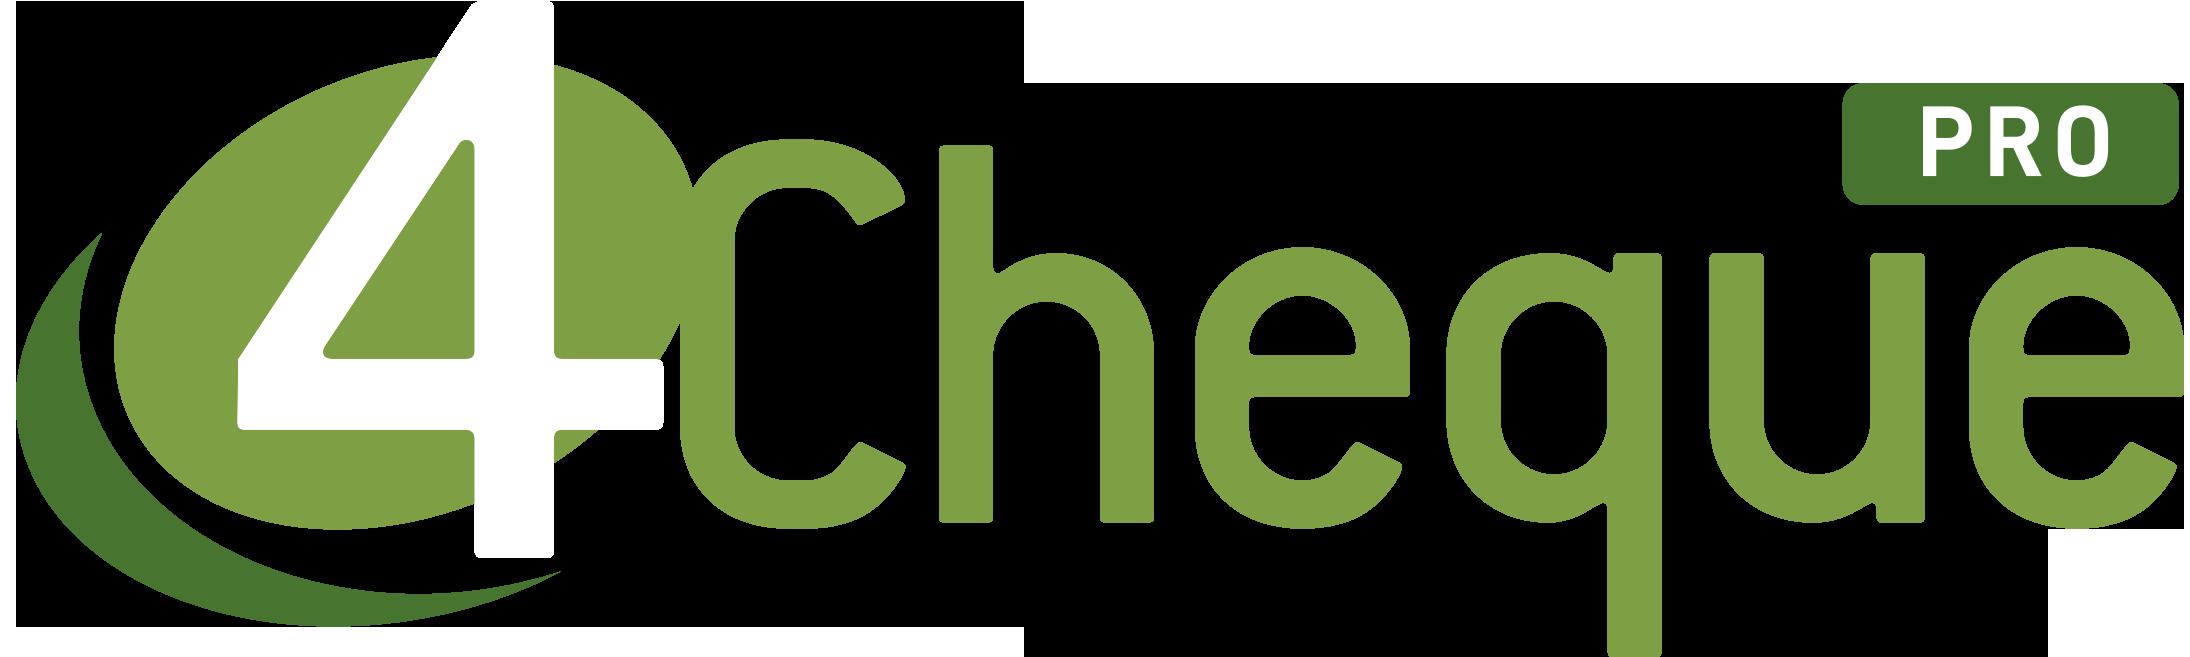 4Cheque PRO logo